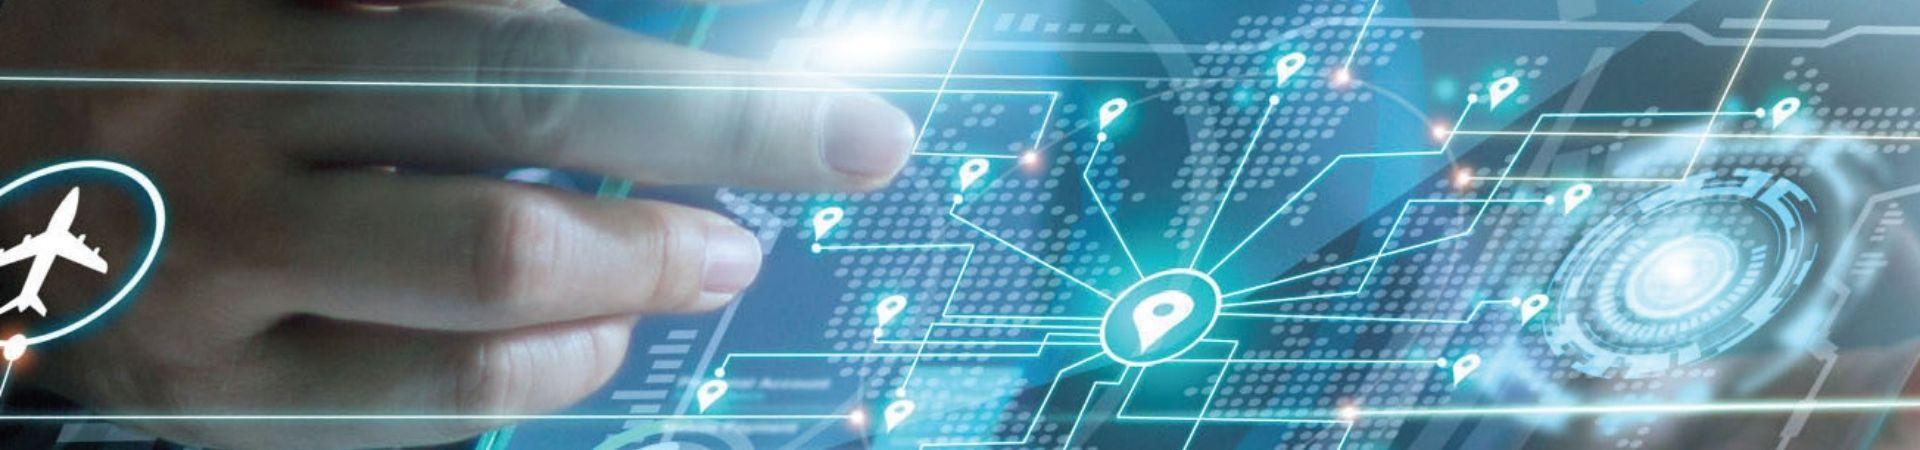 扰乱因素、数字化、复原力:亚太地区供应链未来展望